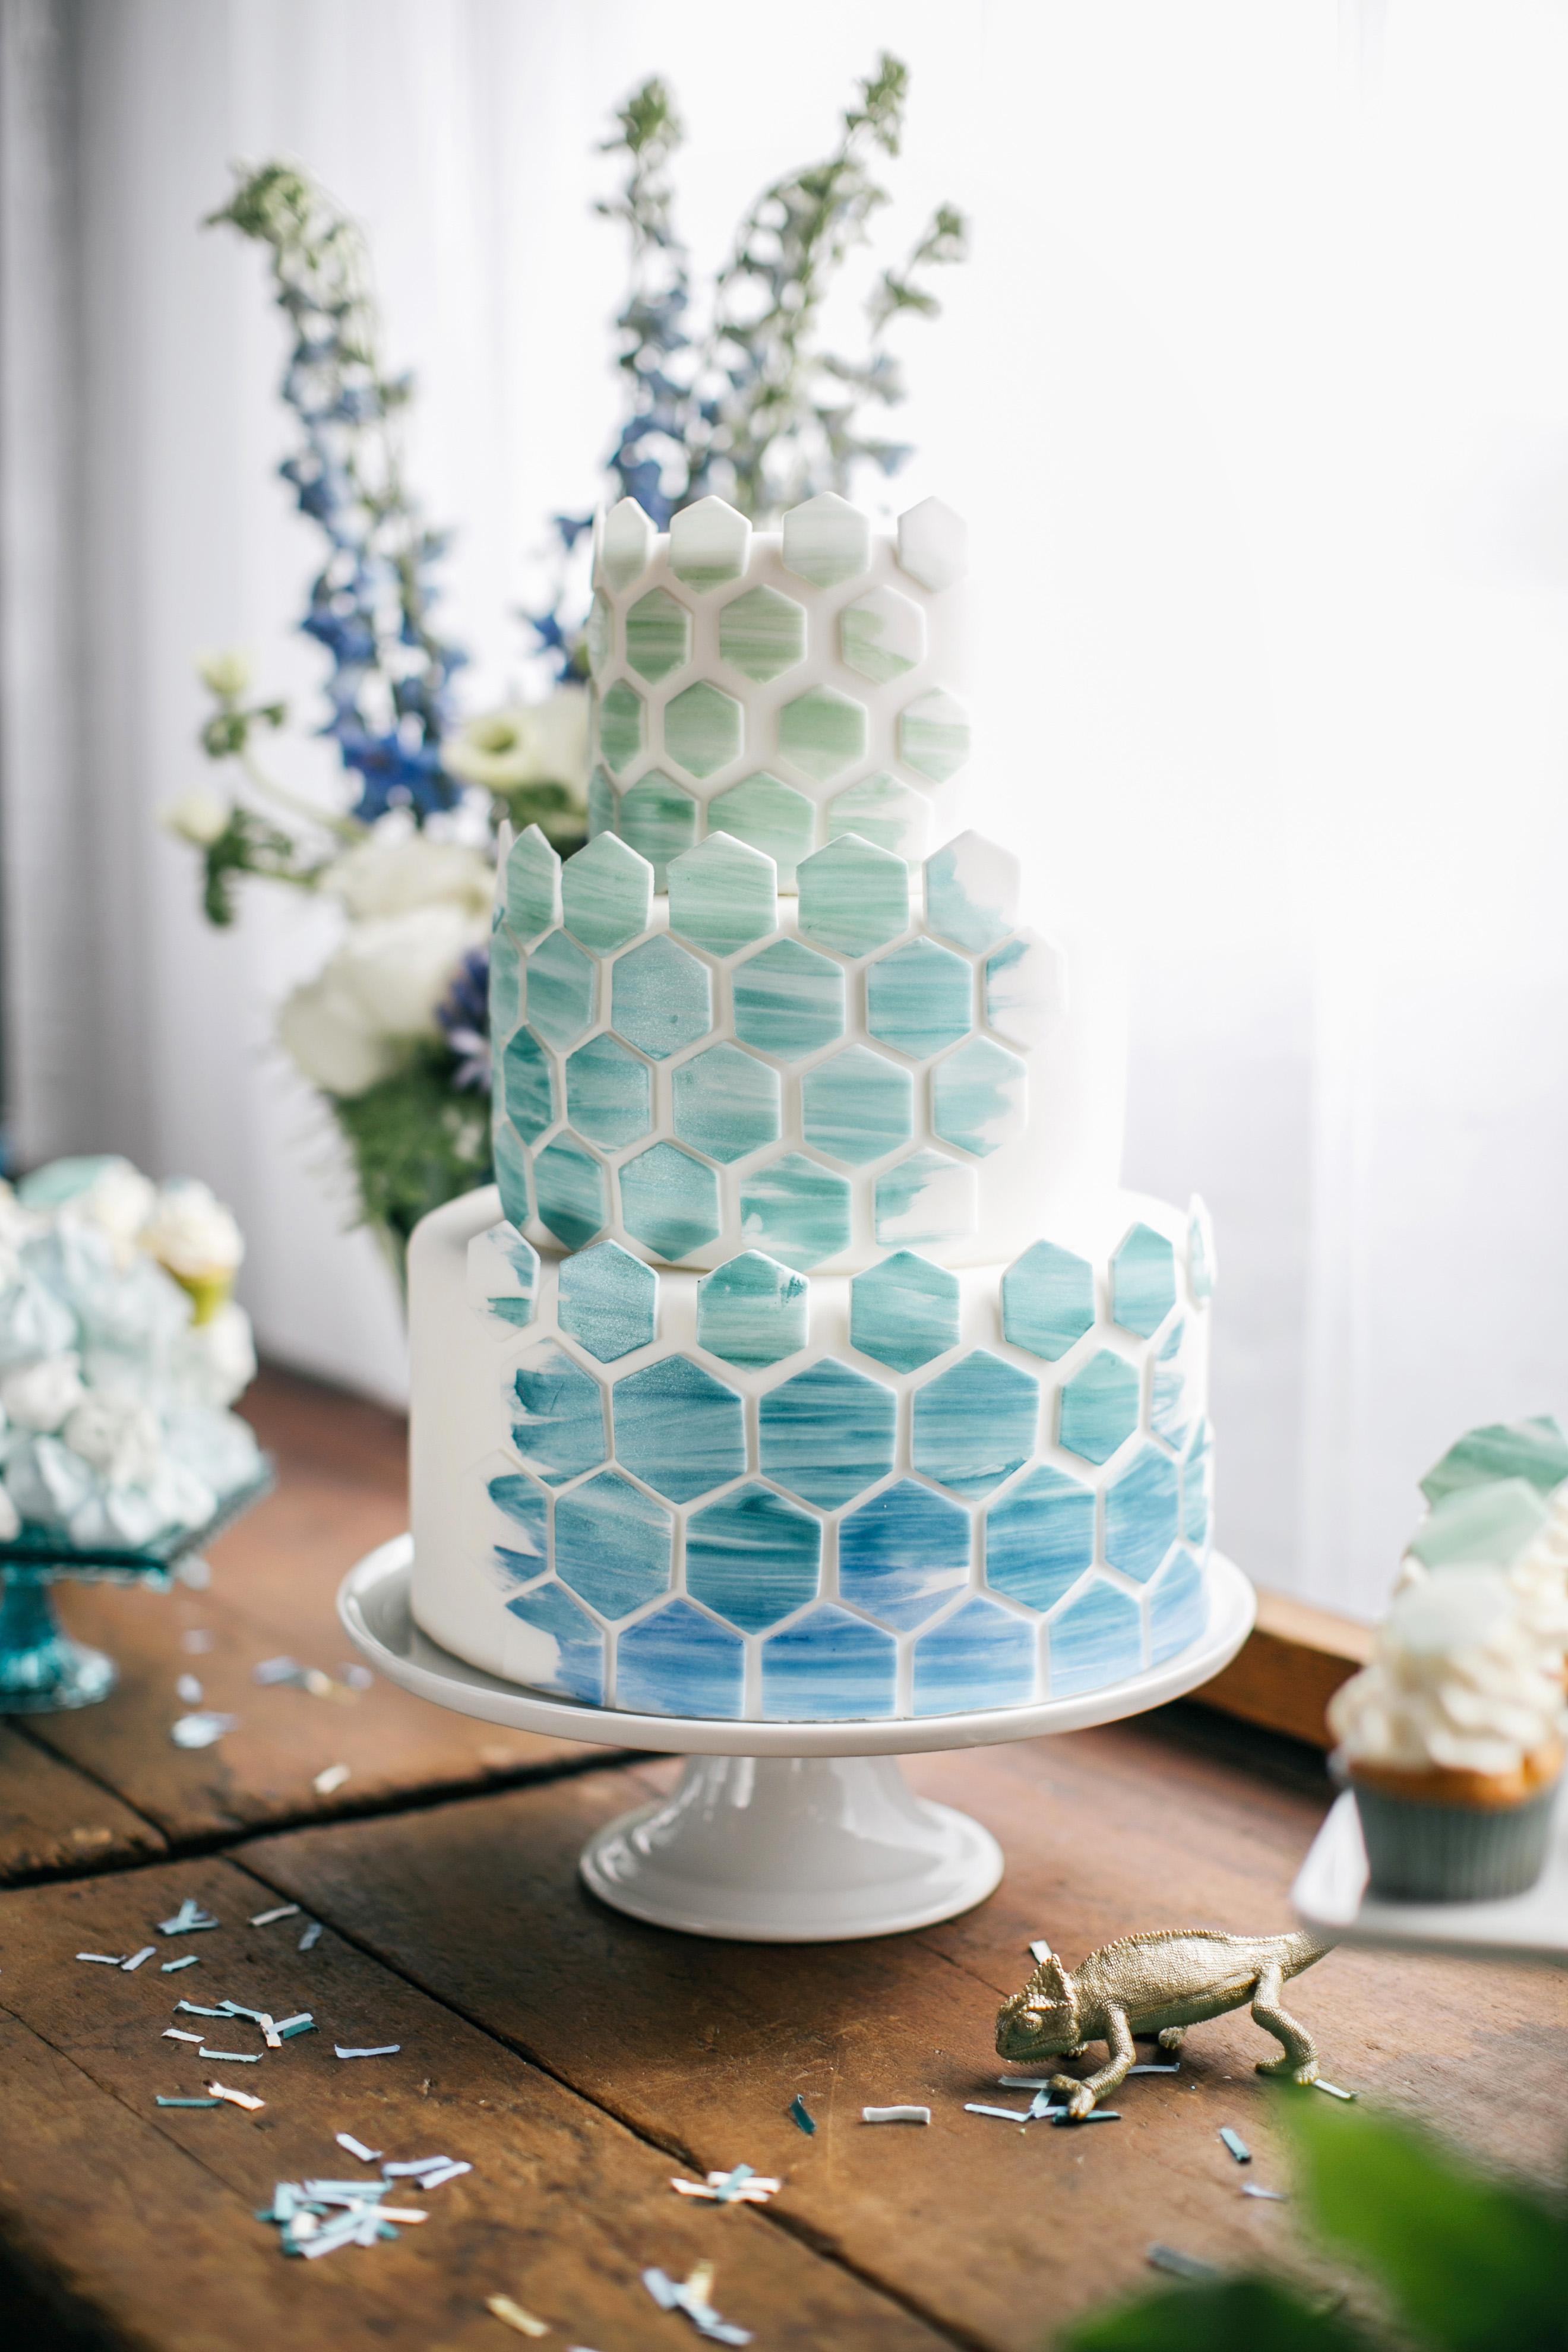 cake designs emily wren